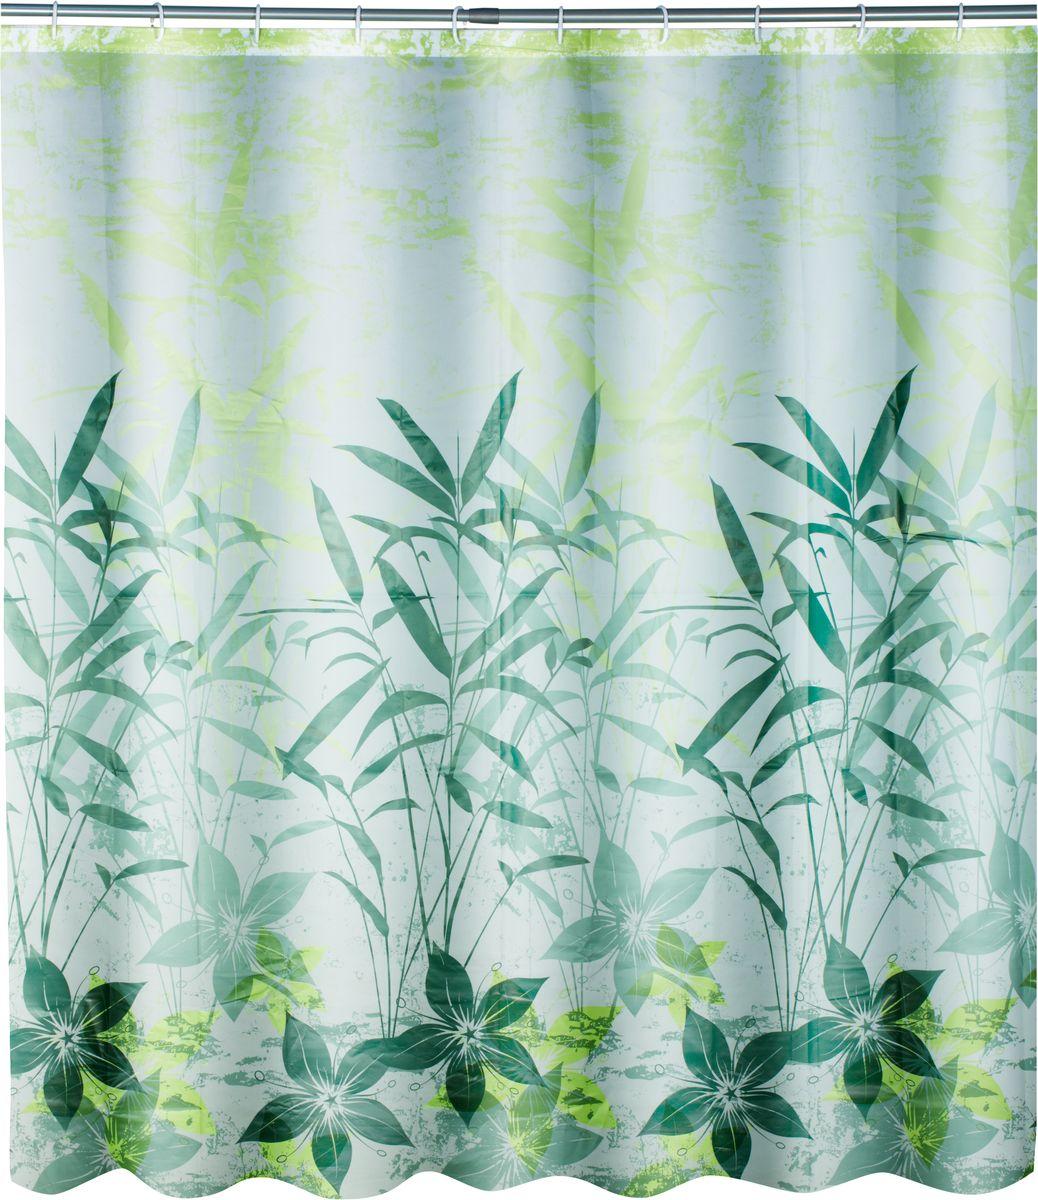 Штора для ванной Swensa Grass, цвет: зеленый, 180 х 180 смSWC-50-01Штора выполненна из такого материала как ПЕВА и EVA (вспененный этиленвинилацетат) и оформлена оригинальным рисунком. Она надежно защитит от брызг и капель пространство вашей ванной комнаты в то время, пока вы принимаете душ. В верхней кромке шторы предусмотрены отверстия для пластиковых колец, которые входят в комплект.Количество колец: 12 шт.